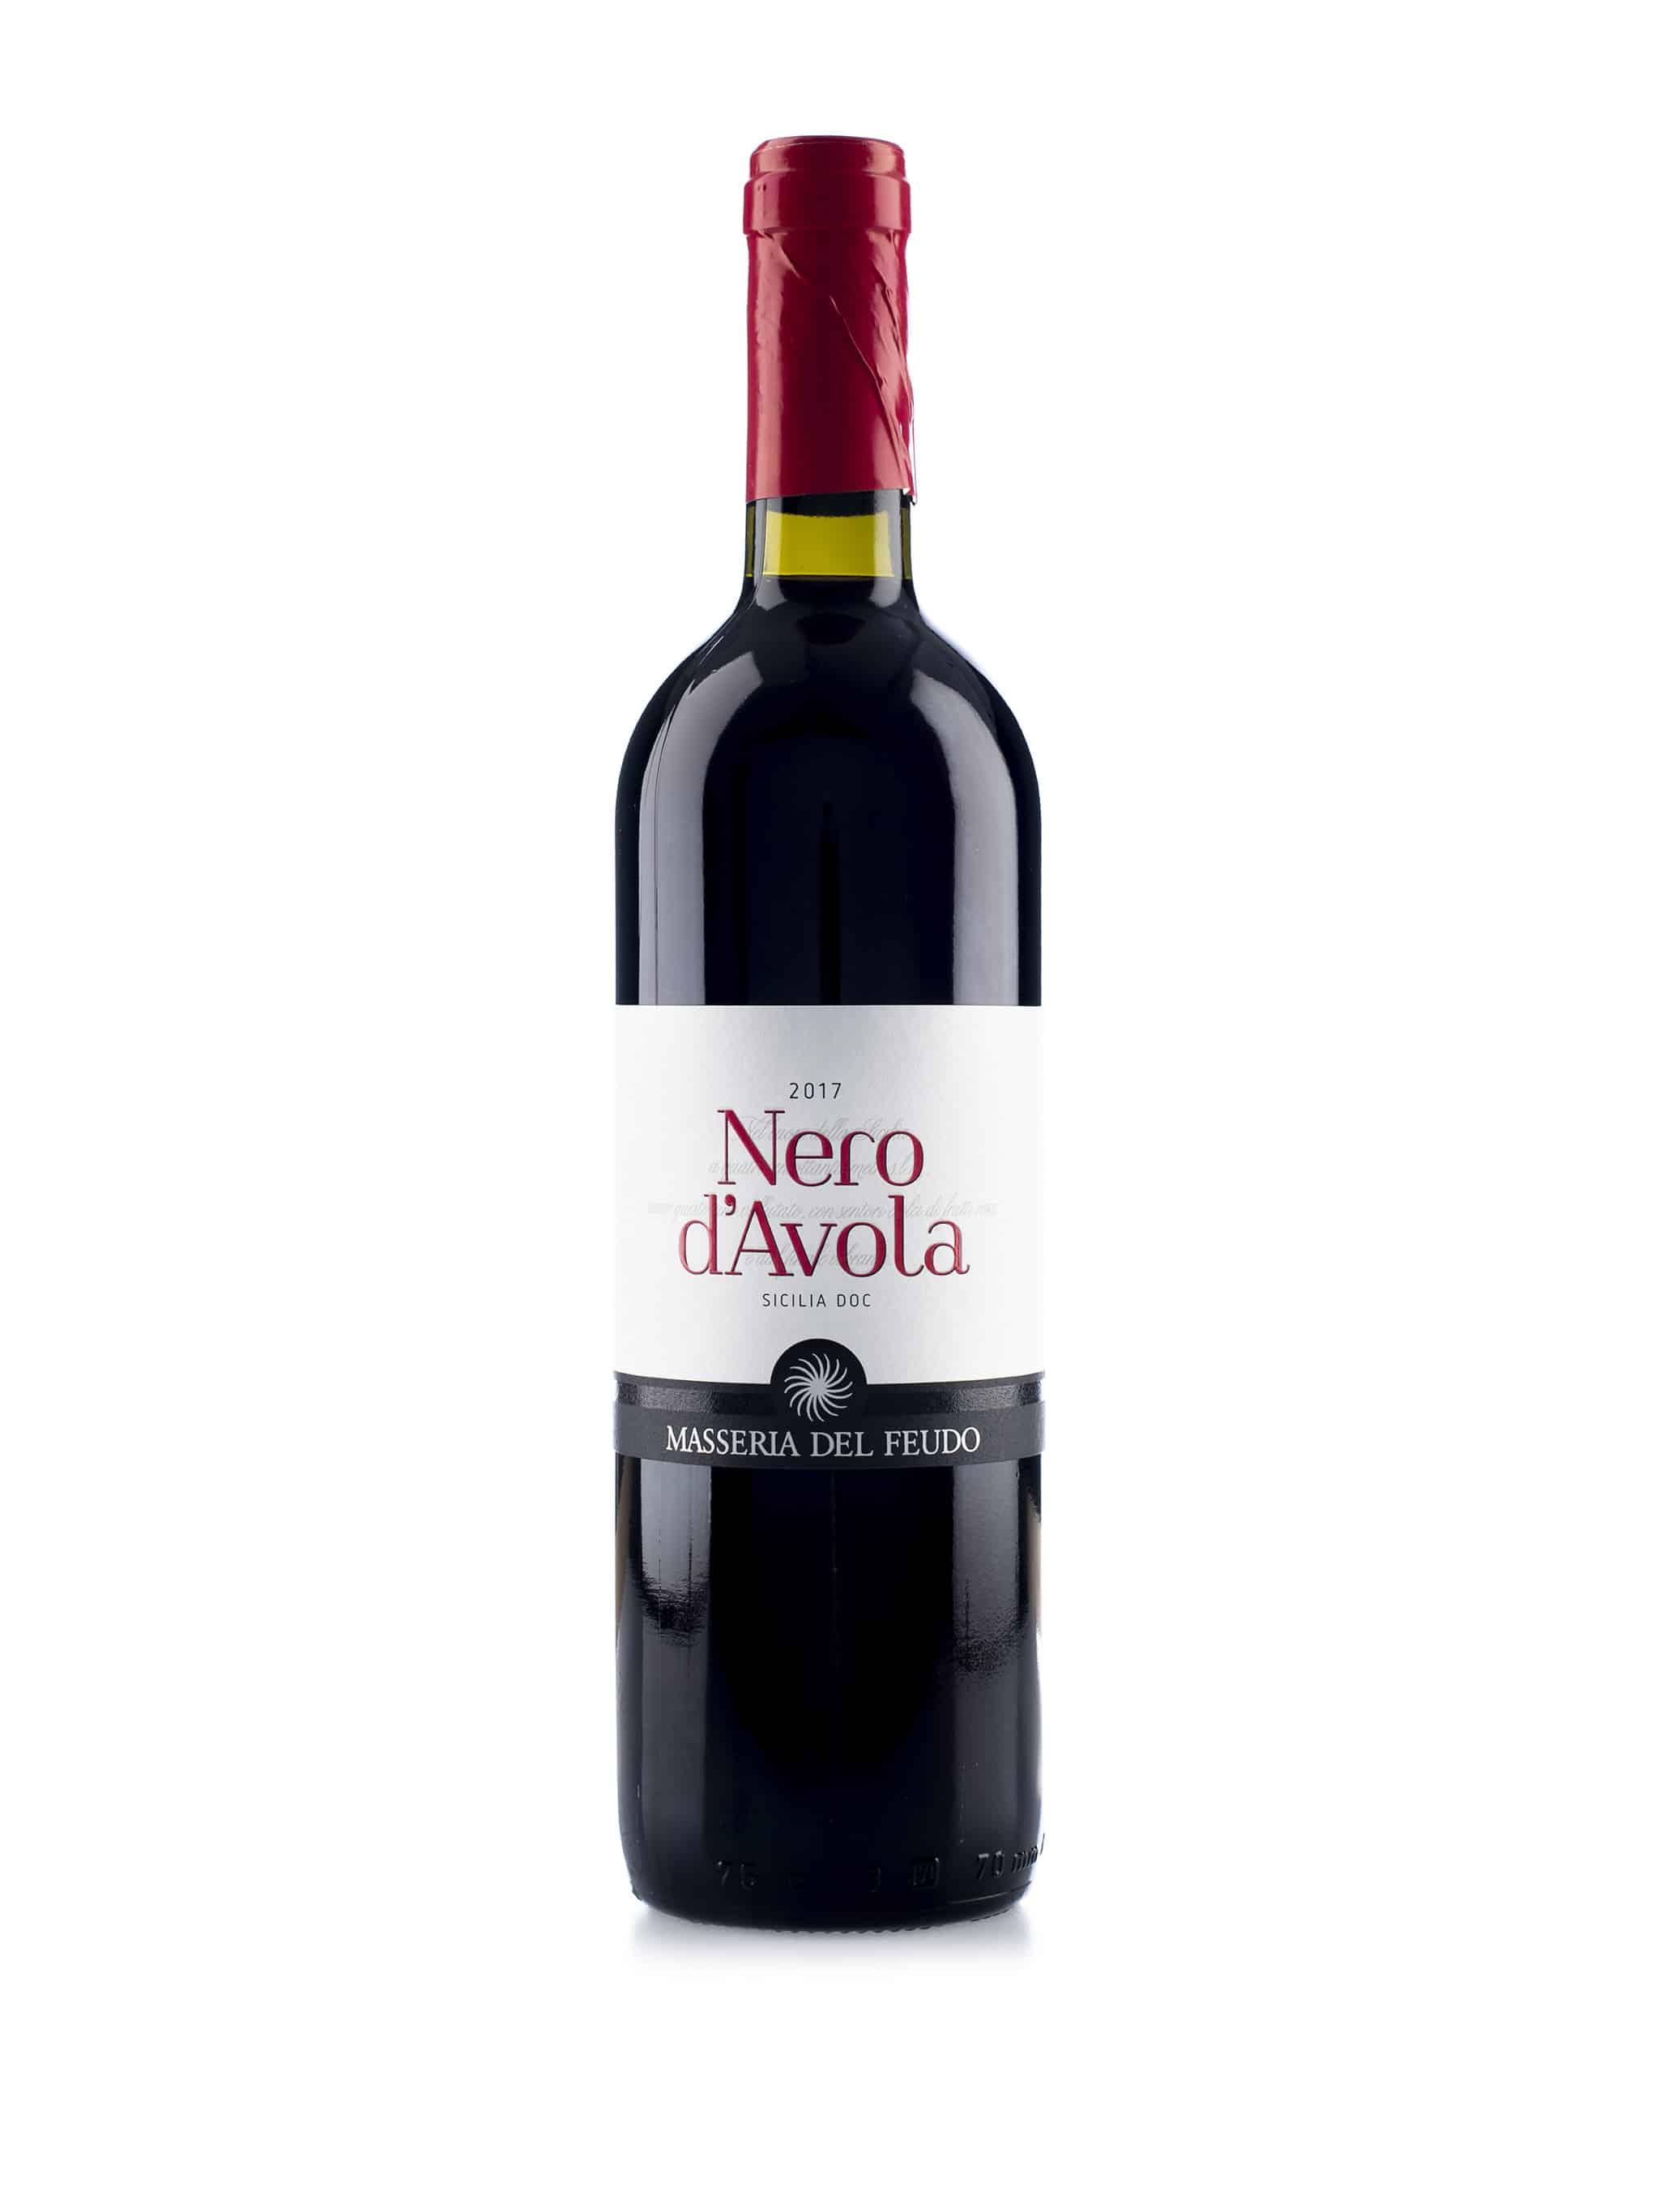 Italiaanse rode wijn van wijndomein Masseria del Fuedo: Nero d'Avola